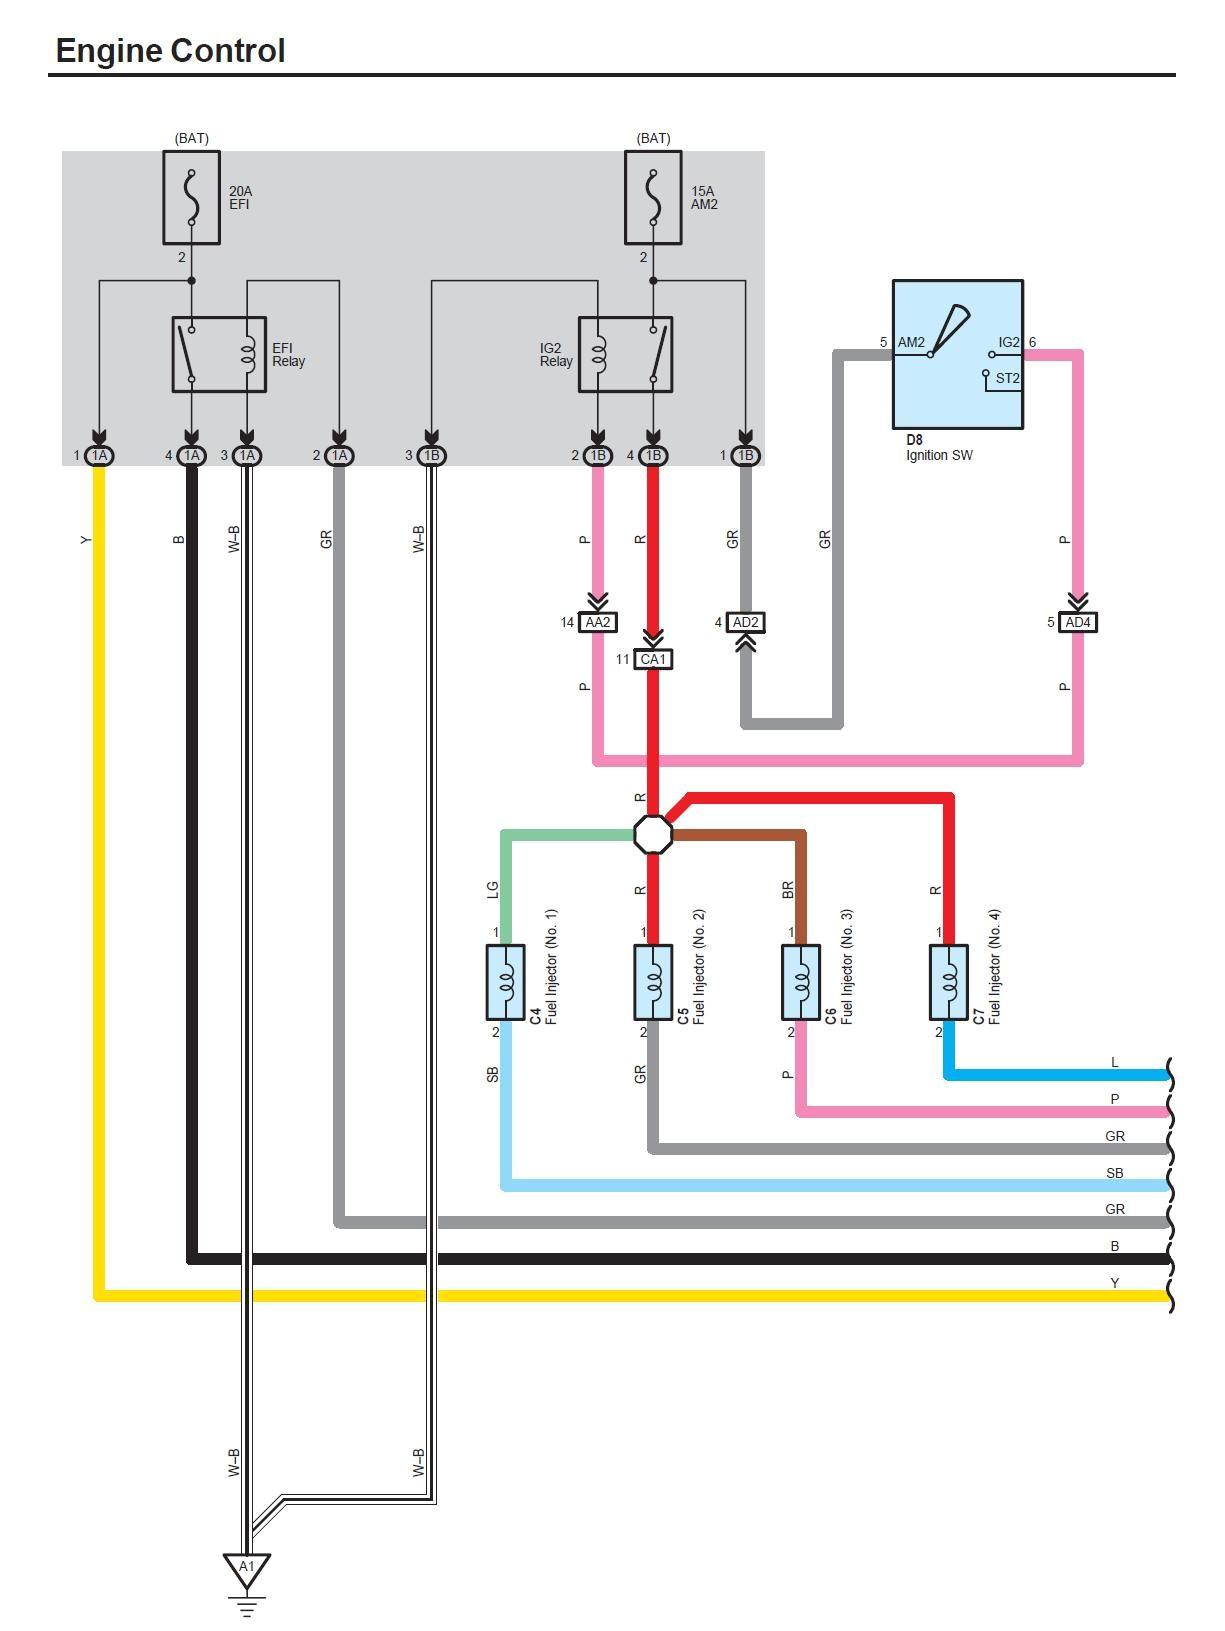 2009 toyota Yaris Wiring Diagram Pdf Wiring Diagram toyota Yaris 2014 Wiring Library